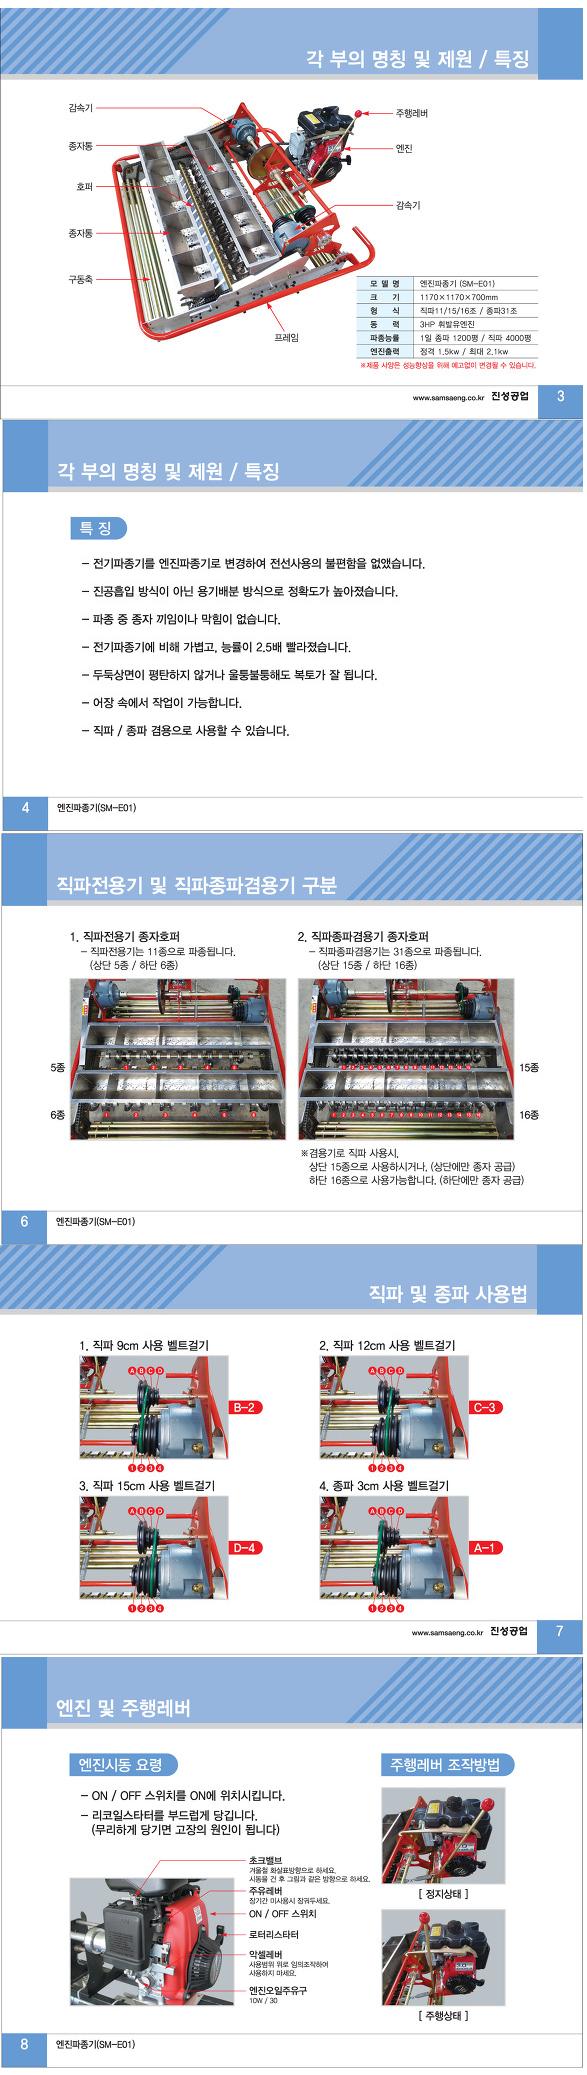 진성공업 엔진파종기 SM-E01